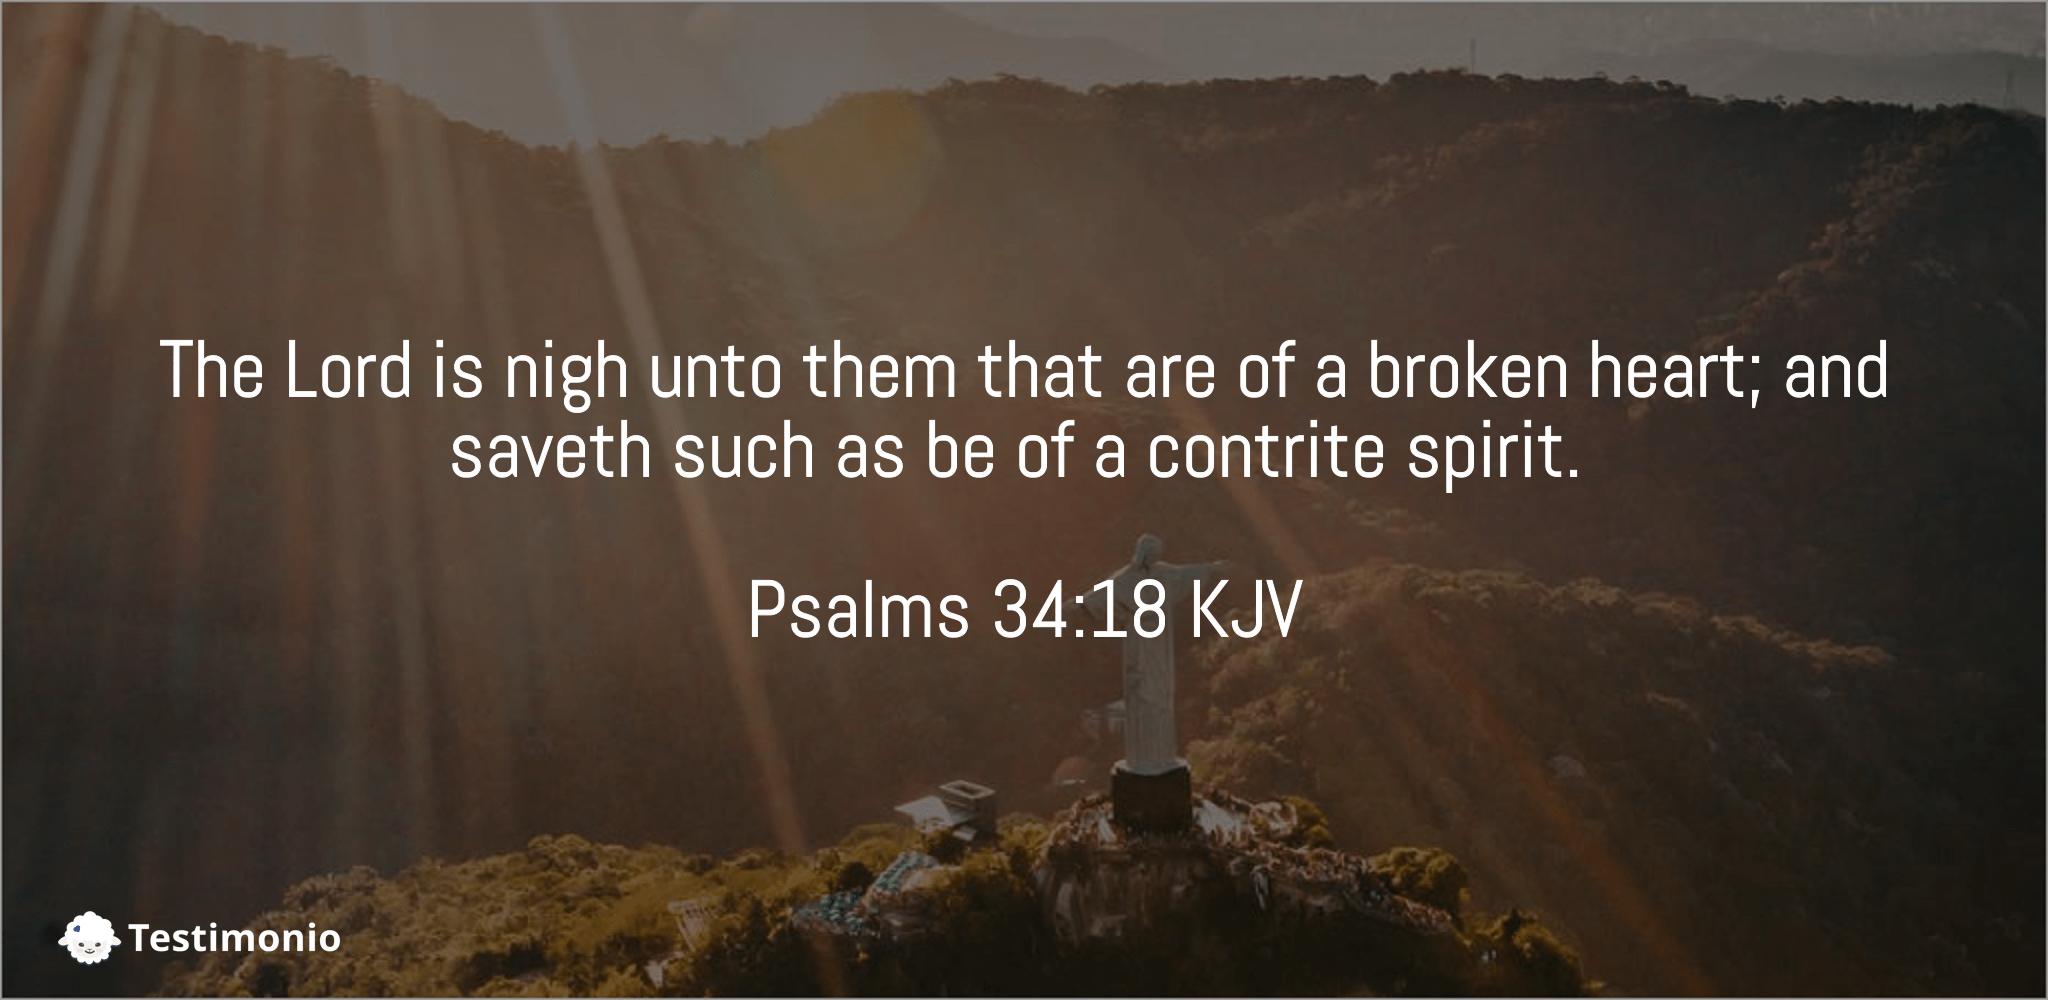 Psalms 34:18